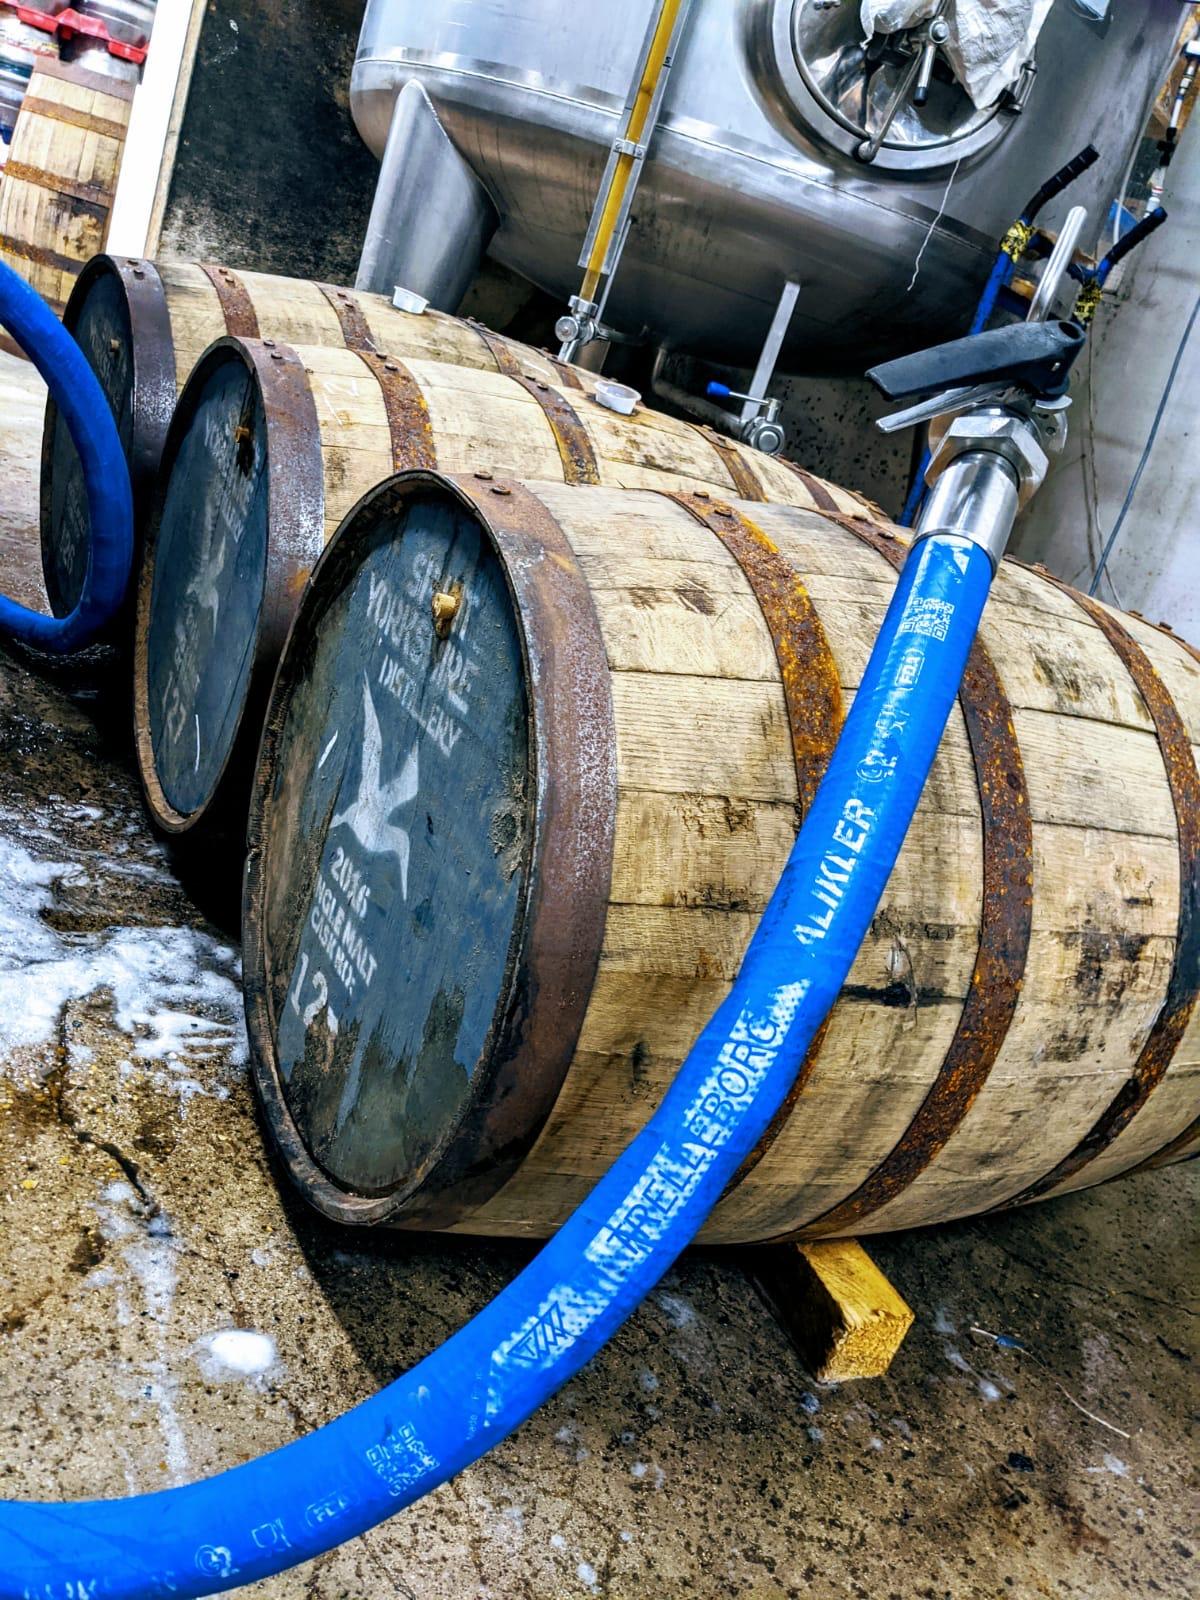 Ex-whisky casks being filled for our next barrel-aged beer!